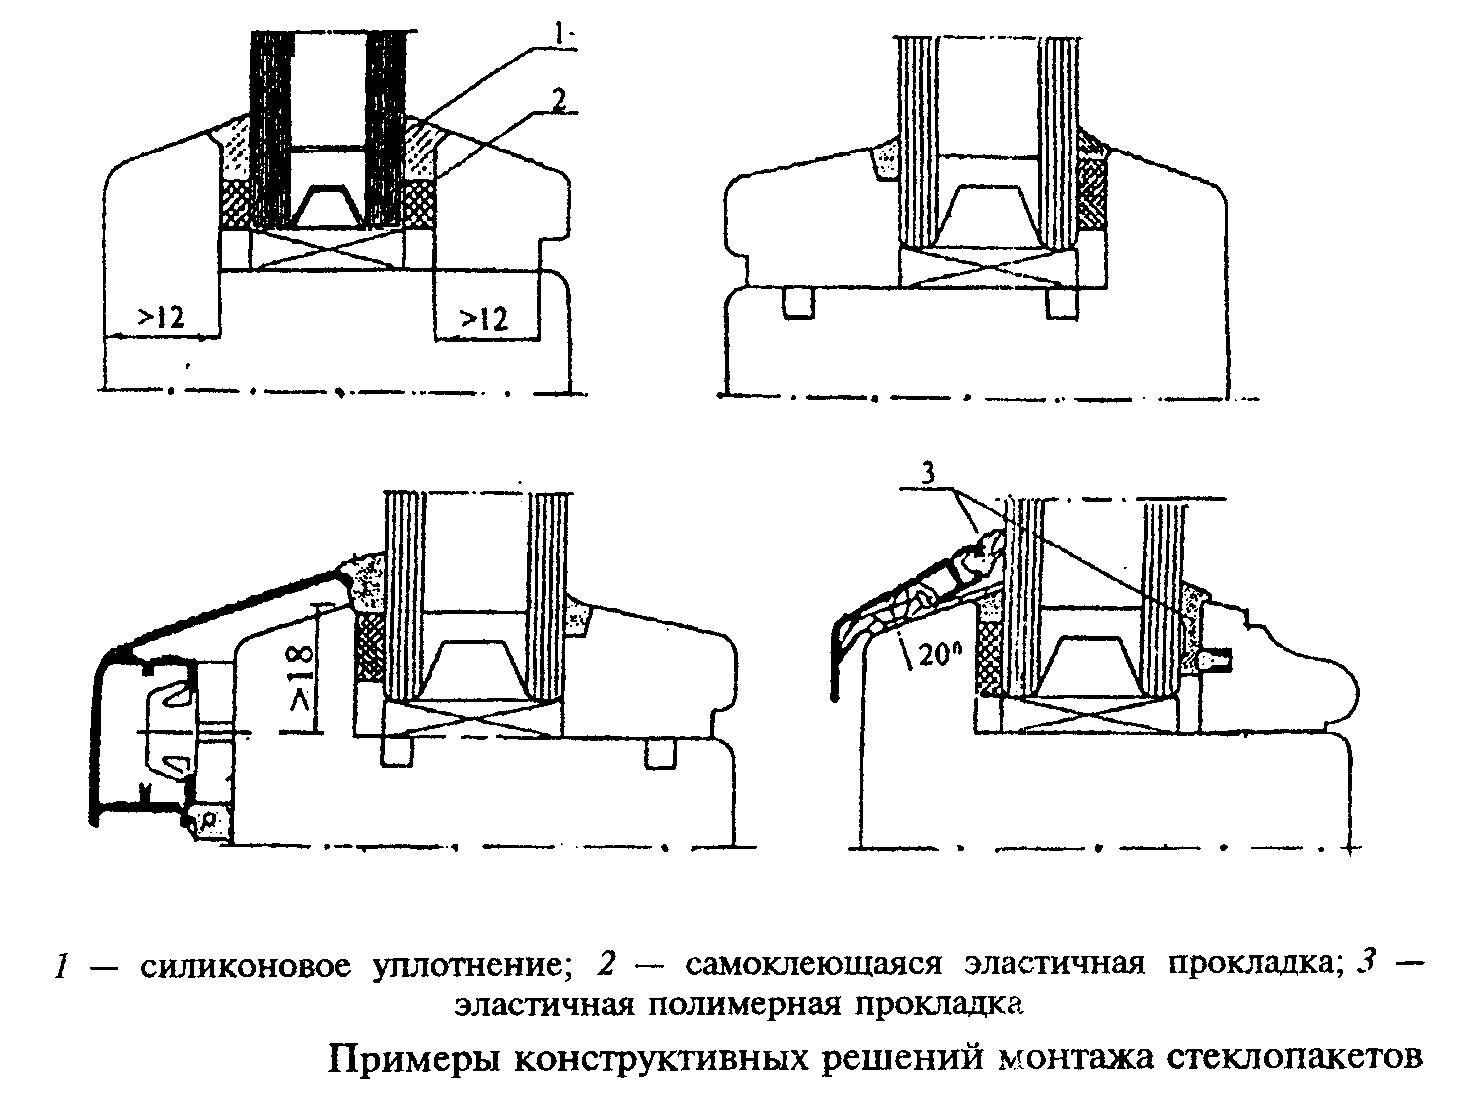 Примеры конструктивных решений монтажа стеклопакетов